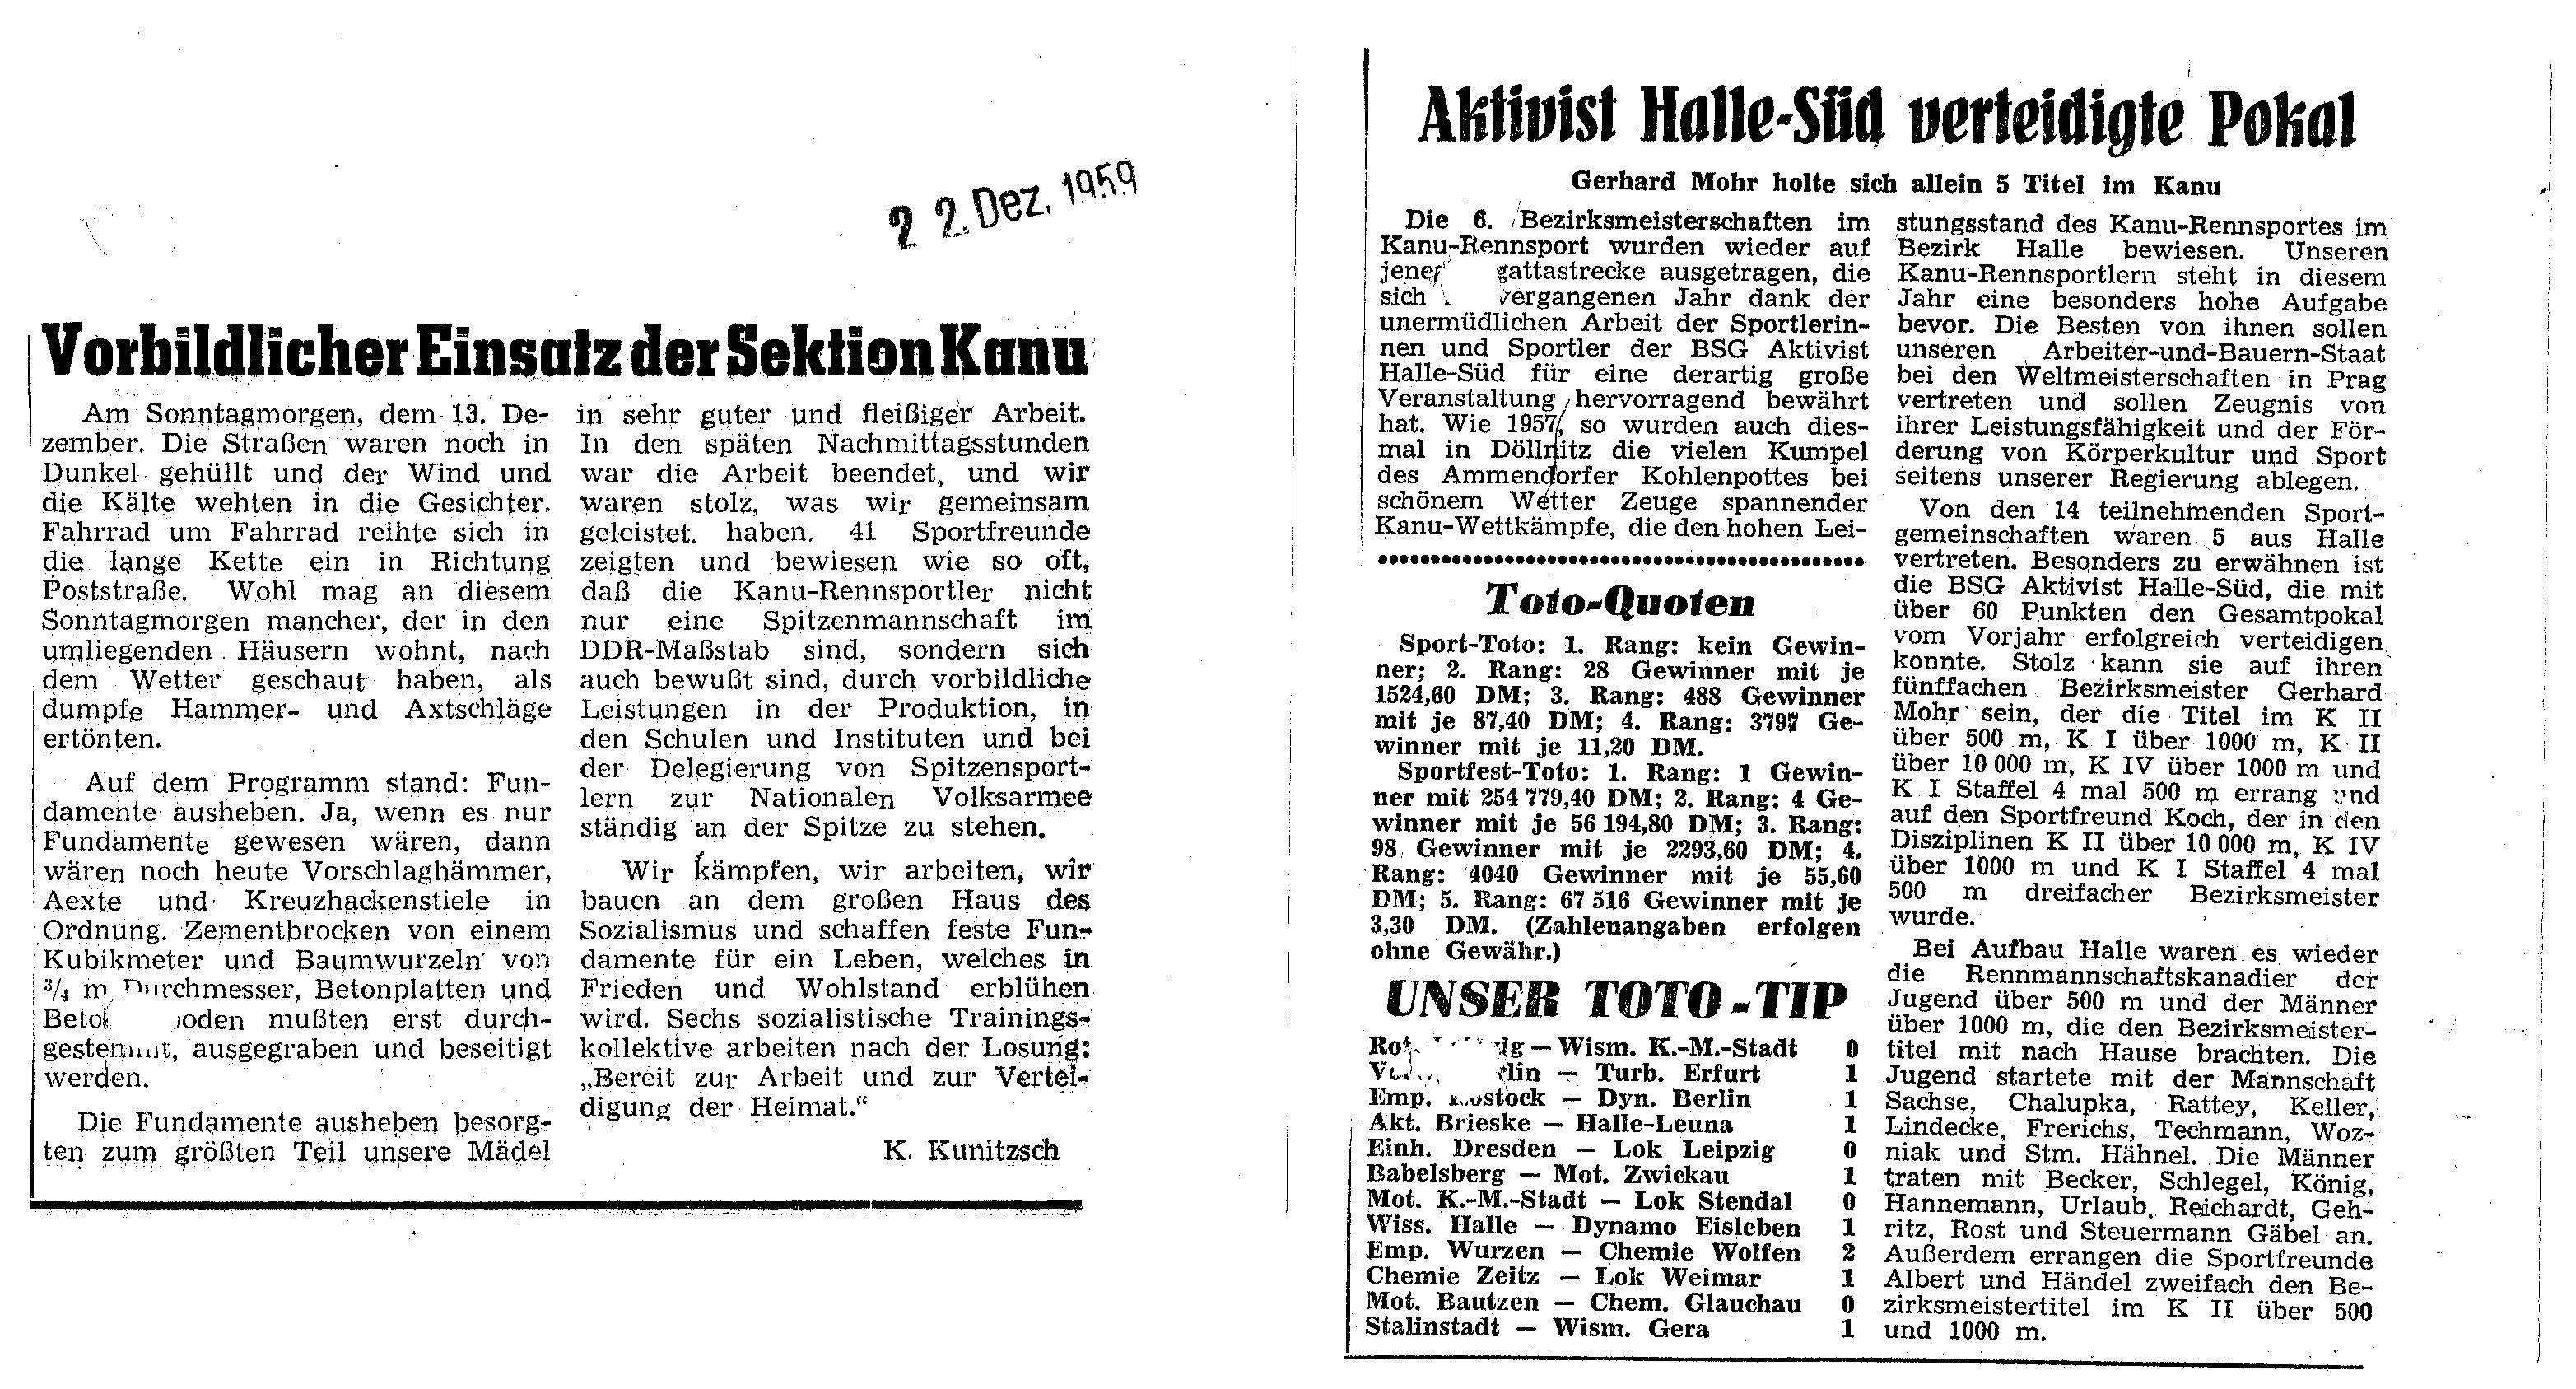 1959-12-22 Vorbildlicher Einsatz der Sektion Kanu